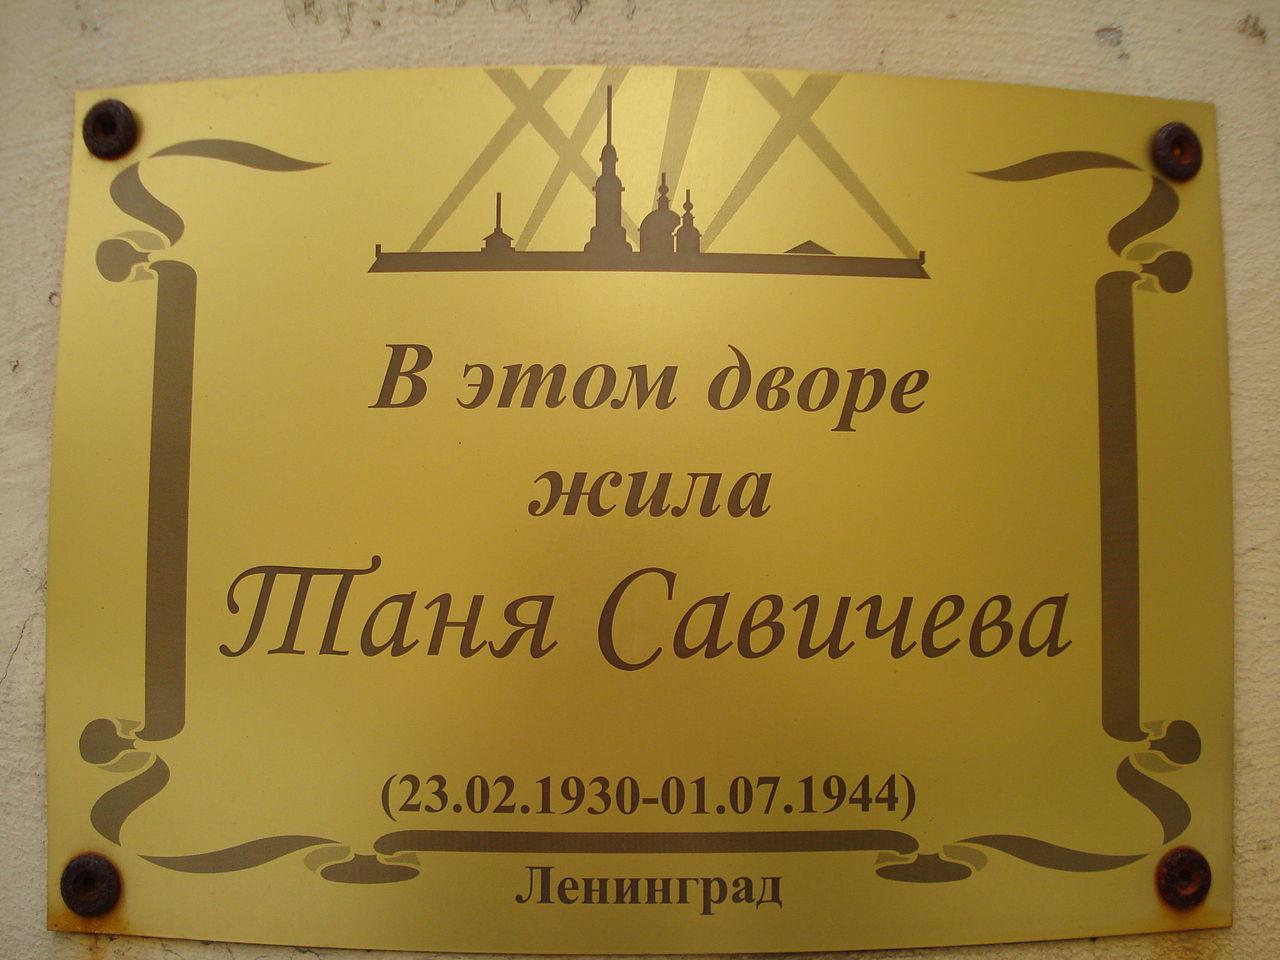 Мемориальная доска, установленная во дворе, где жила Таня,  источник фото: Wikimedia Commons Автор:  Mikhail Gruznov